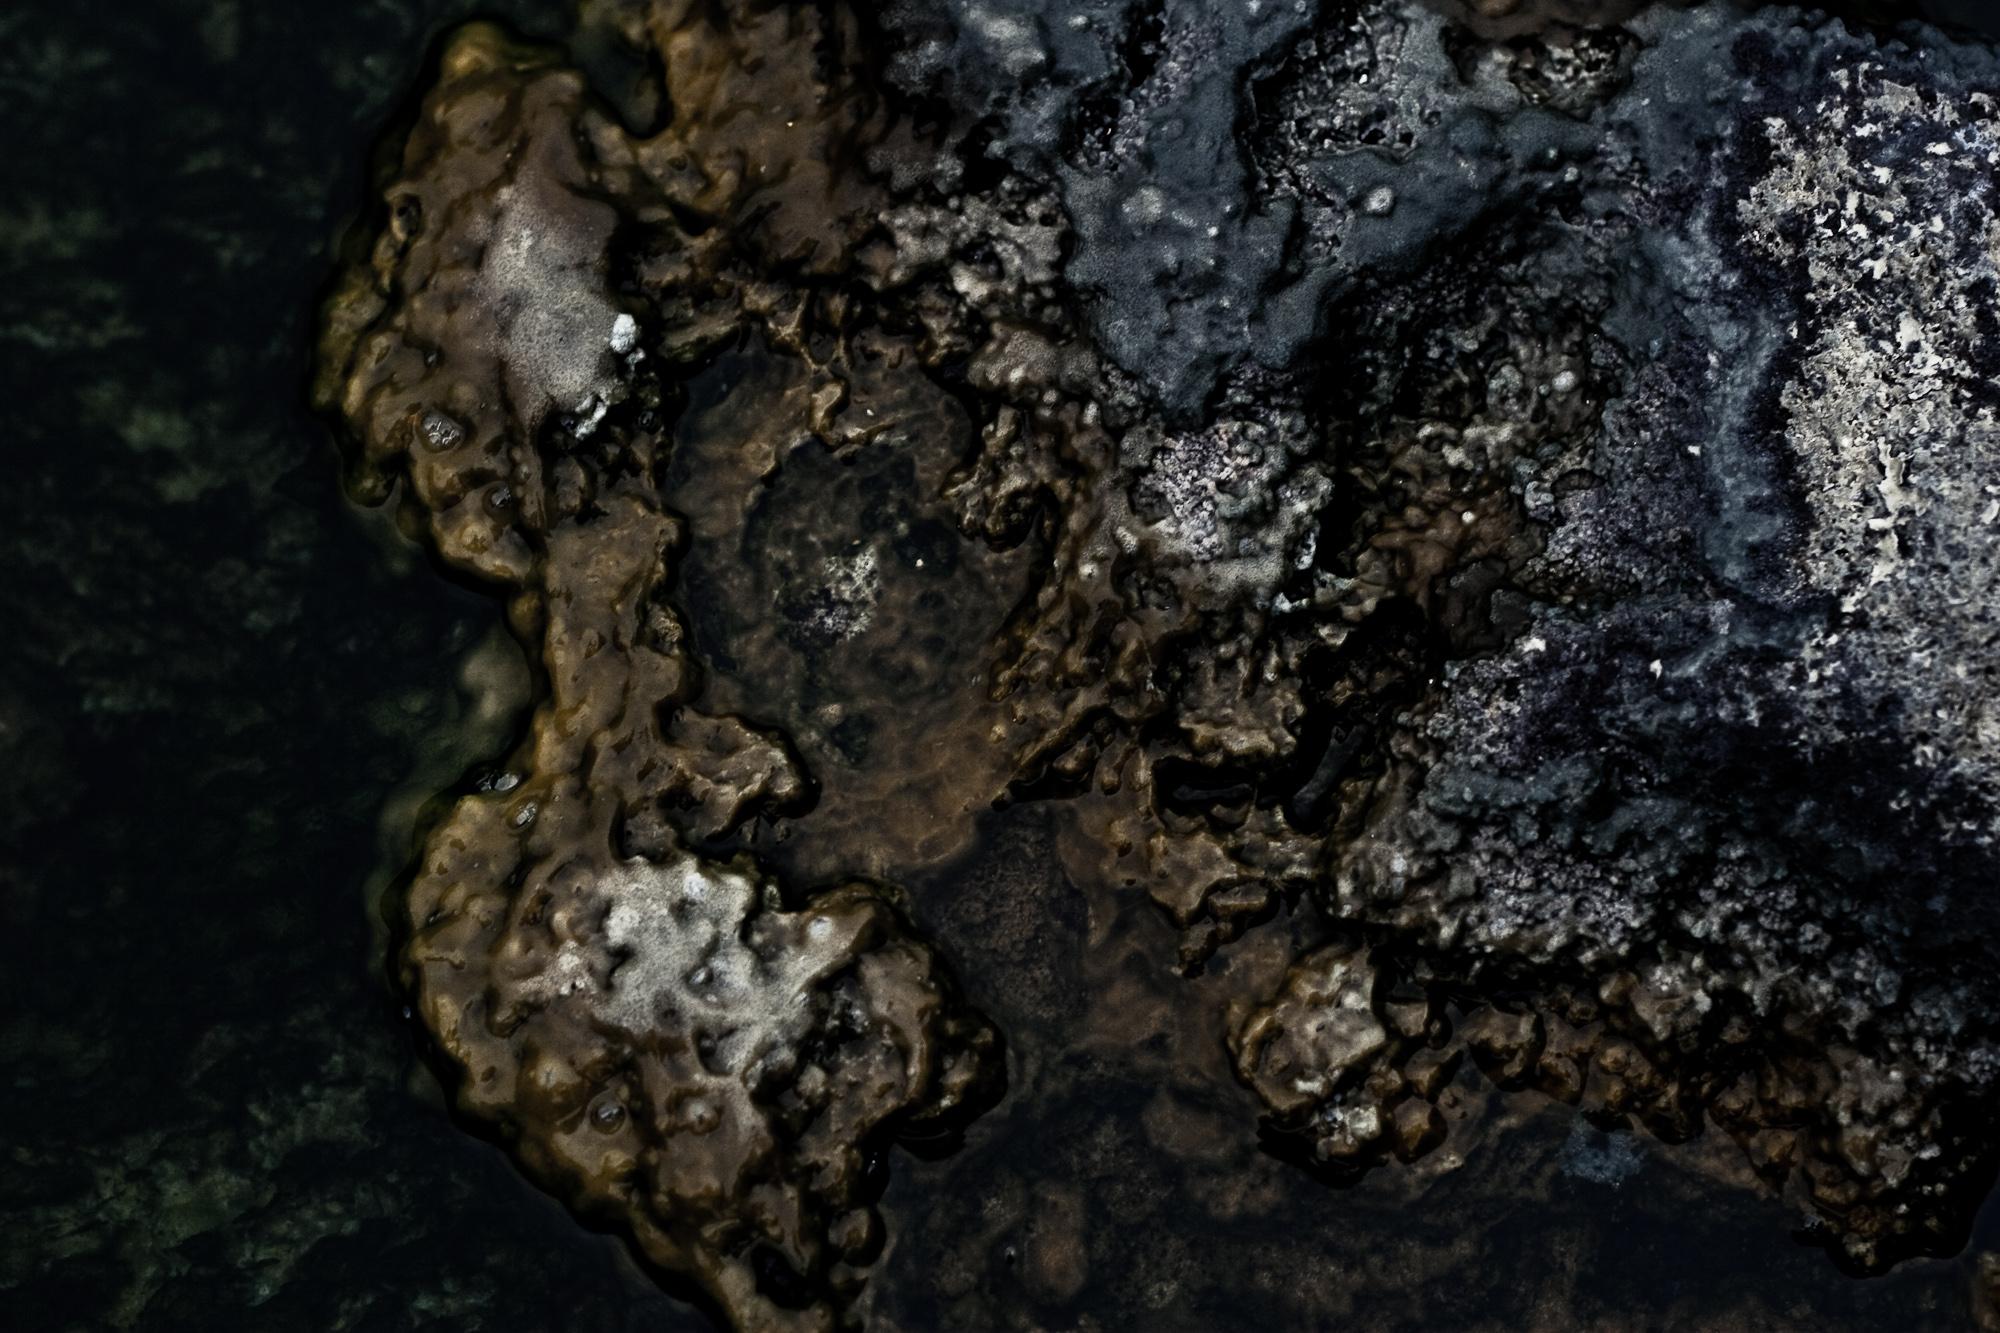 Grunge Rock Texture, Abstract, Black, Dark, Grunge, HQ Photo